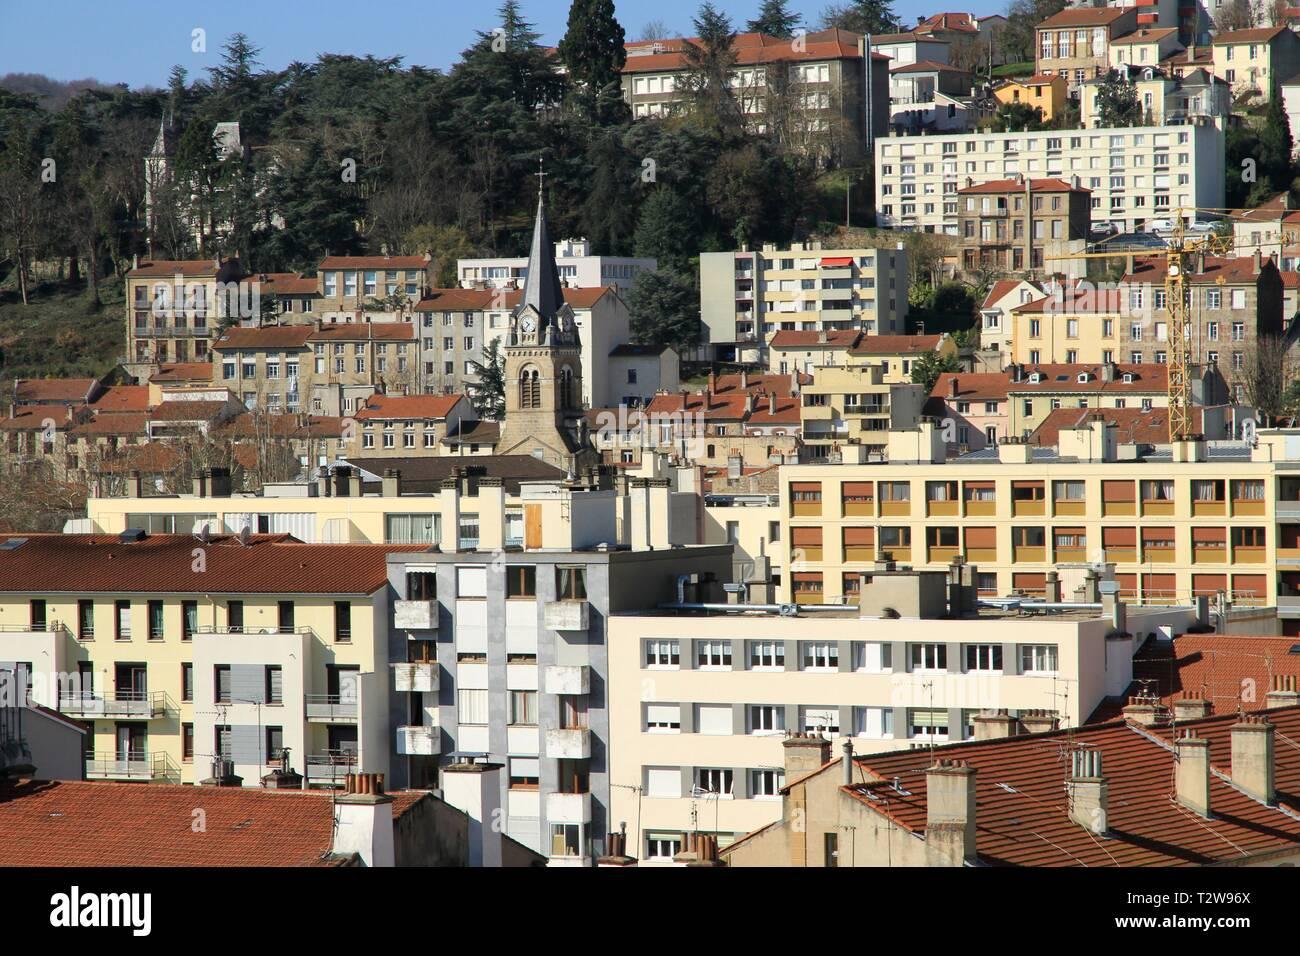 Illustration of the city of Saint Etienne, Montaud - Grand Clos district. Saint Etienne, Loire, France Stock Photo